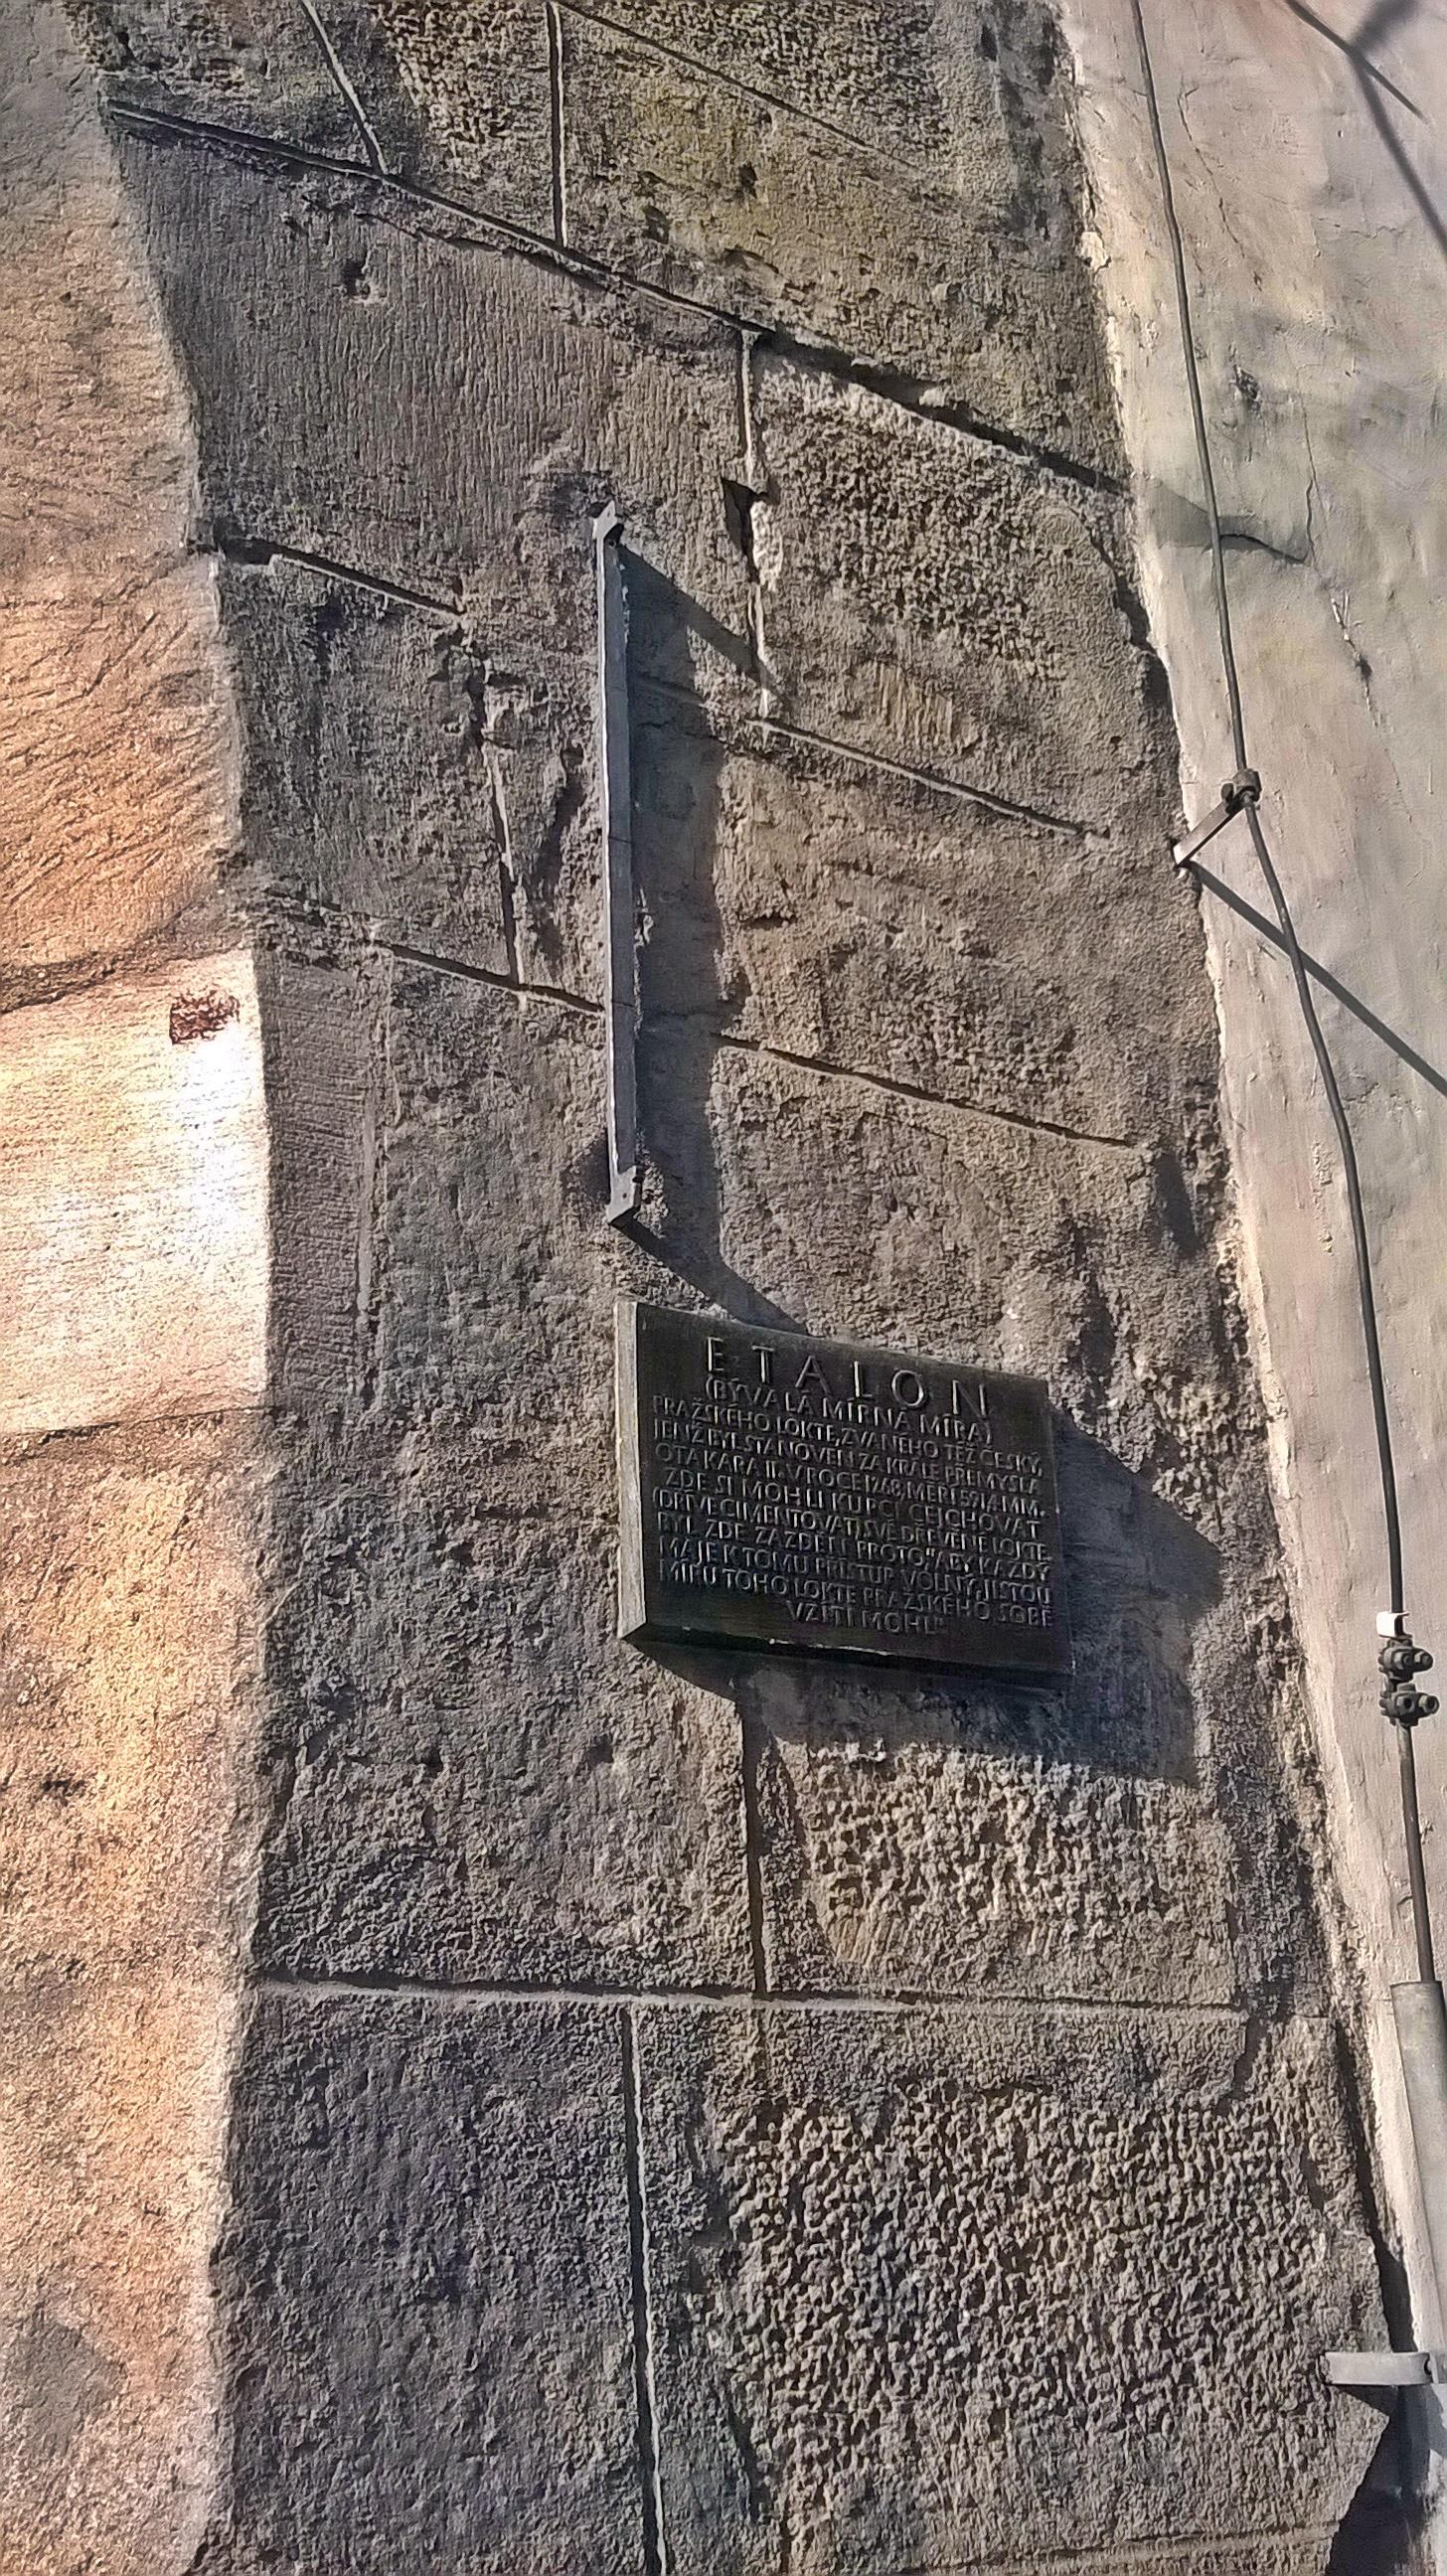 ... és a torony jobb oldalán a 'prágai könyök', más nevén etalon.